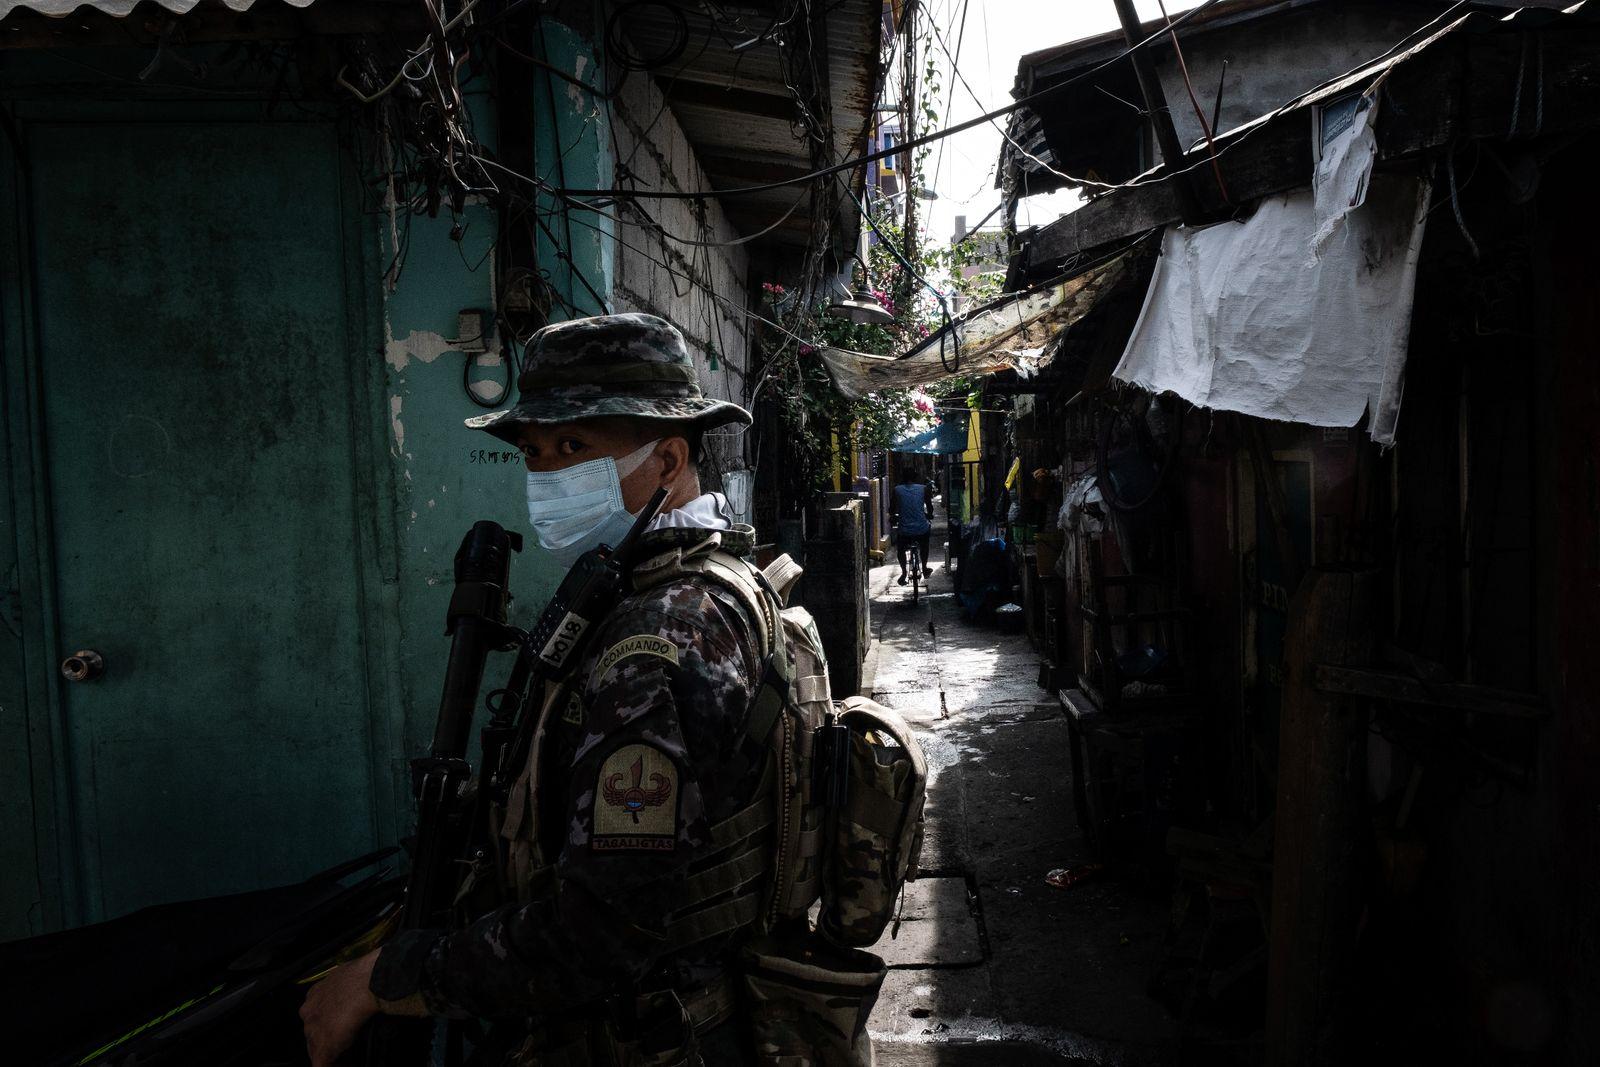 Manila under extended lockdown